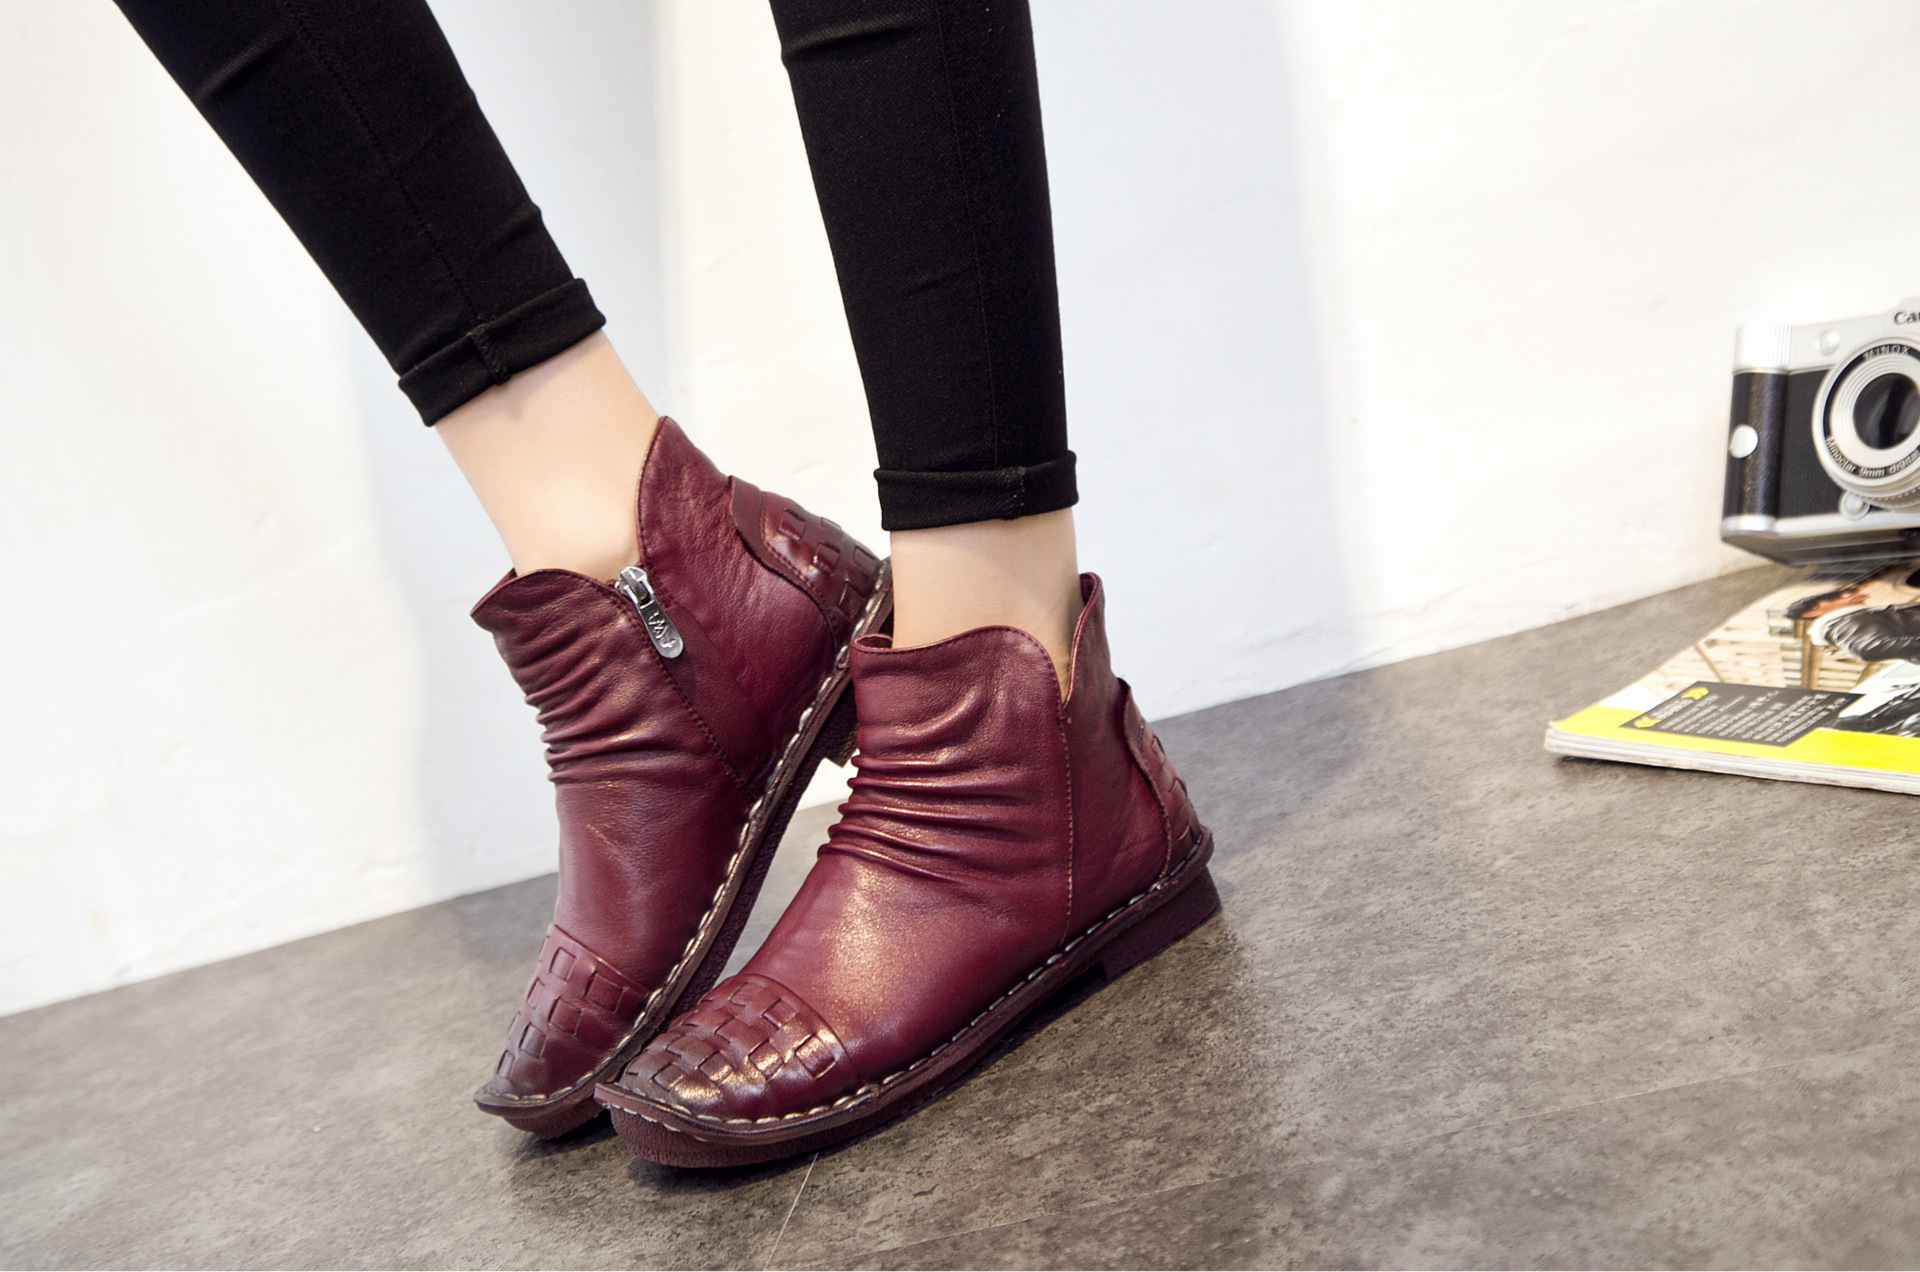 Mou Femelle D'hiver Vin Automne Chaussures 2018 Fond Enfants Bottes dxCQtsrh